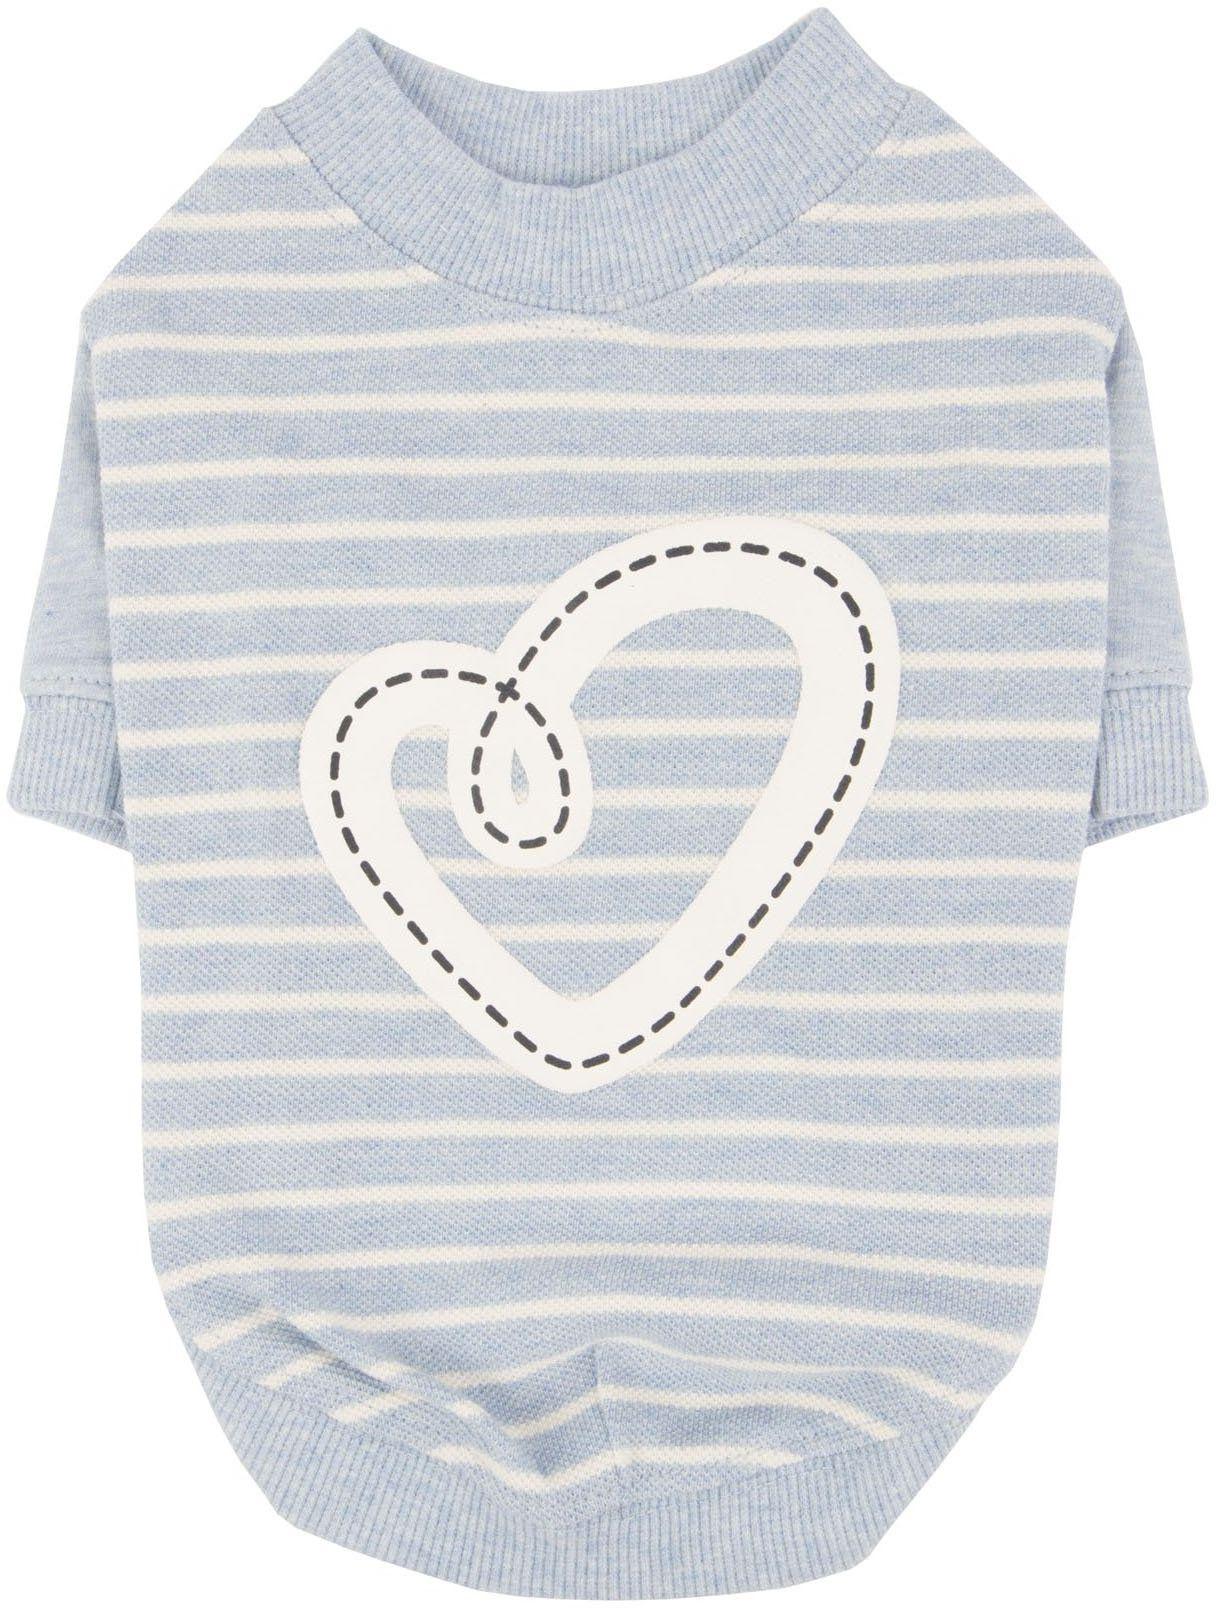 Pinkaholic New York NARA-TS7304-MB-S Ml.Blue Aviana koszulka dla zwierząt domowych, małe